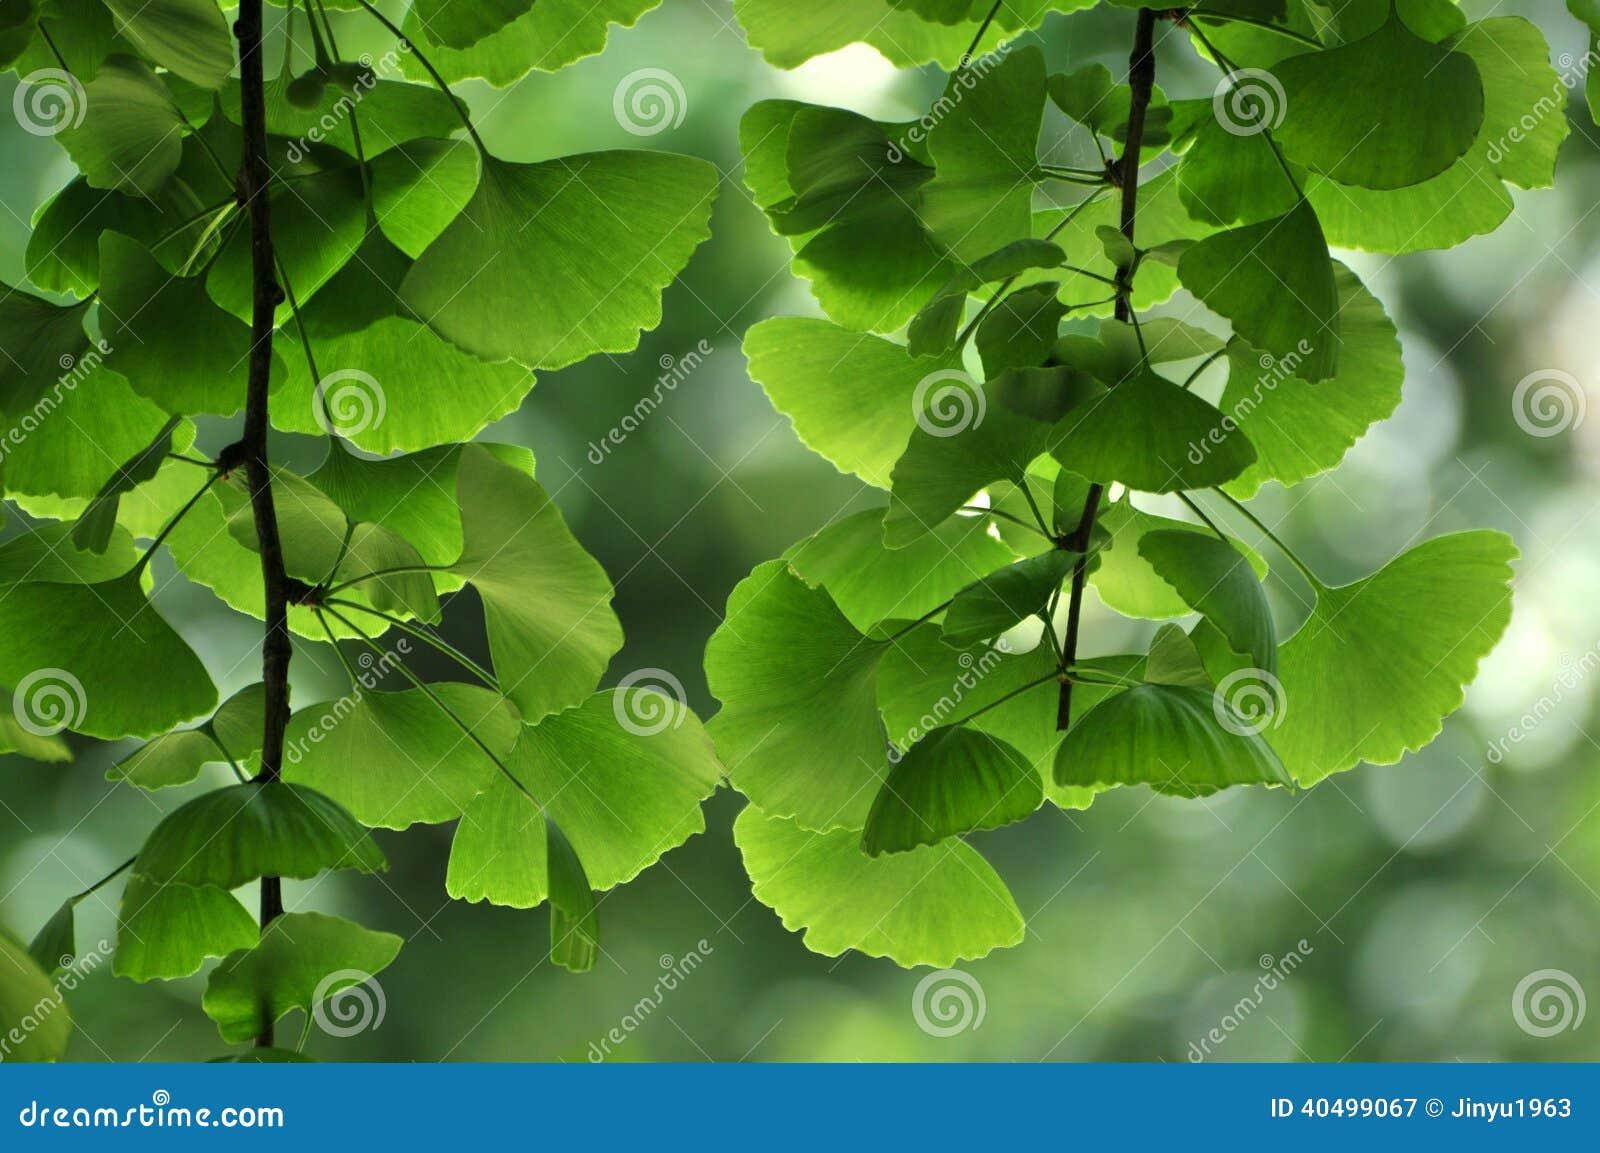 银杏树叶子在春天.图片